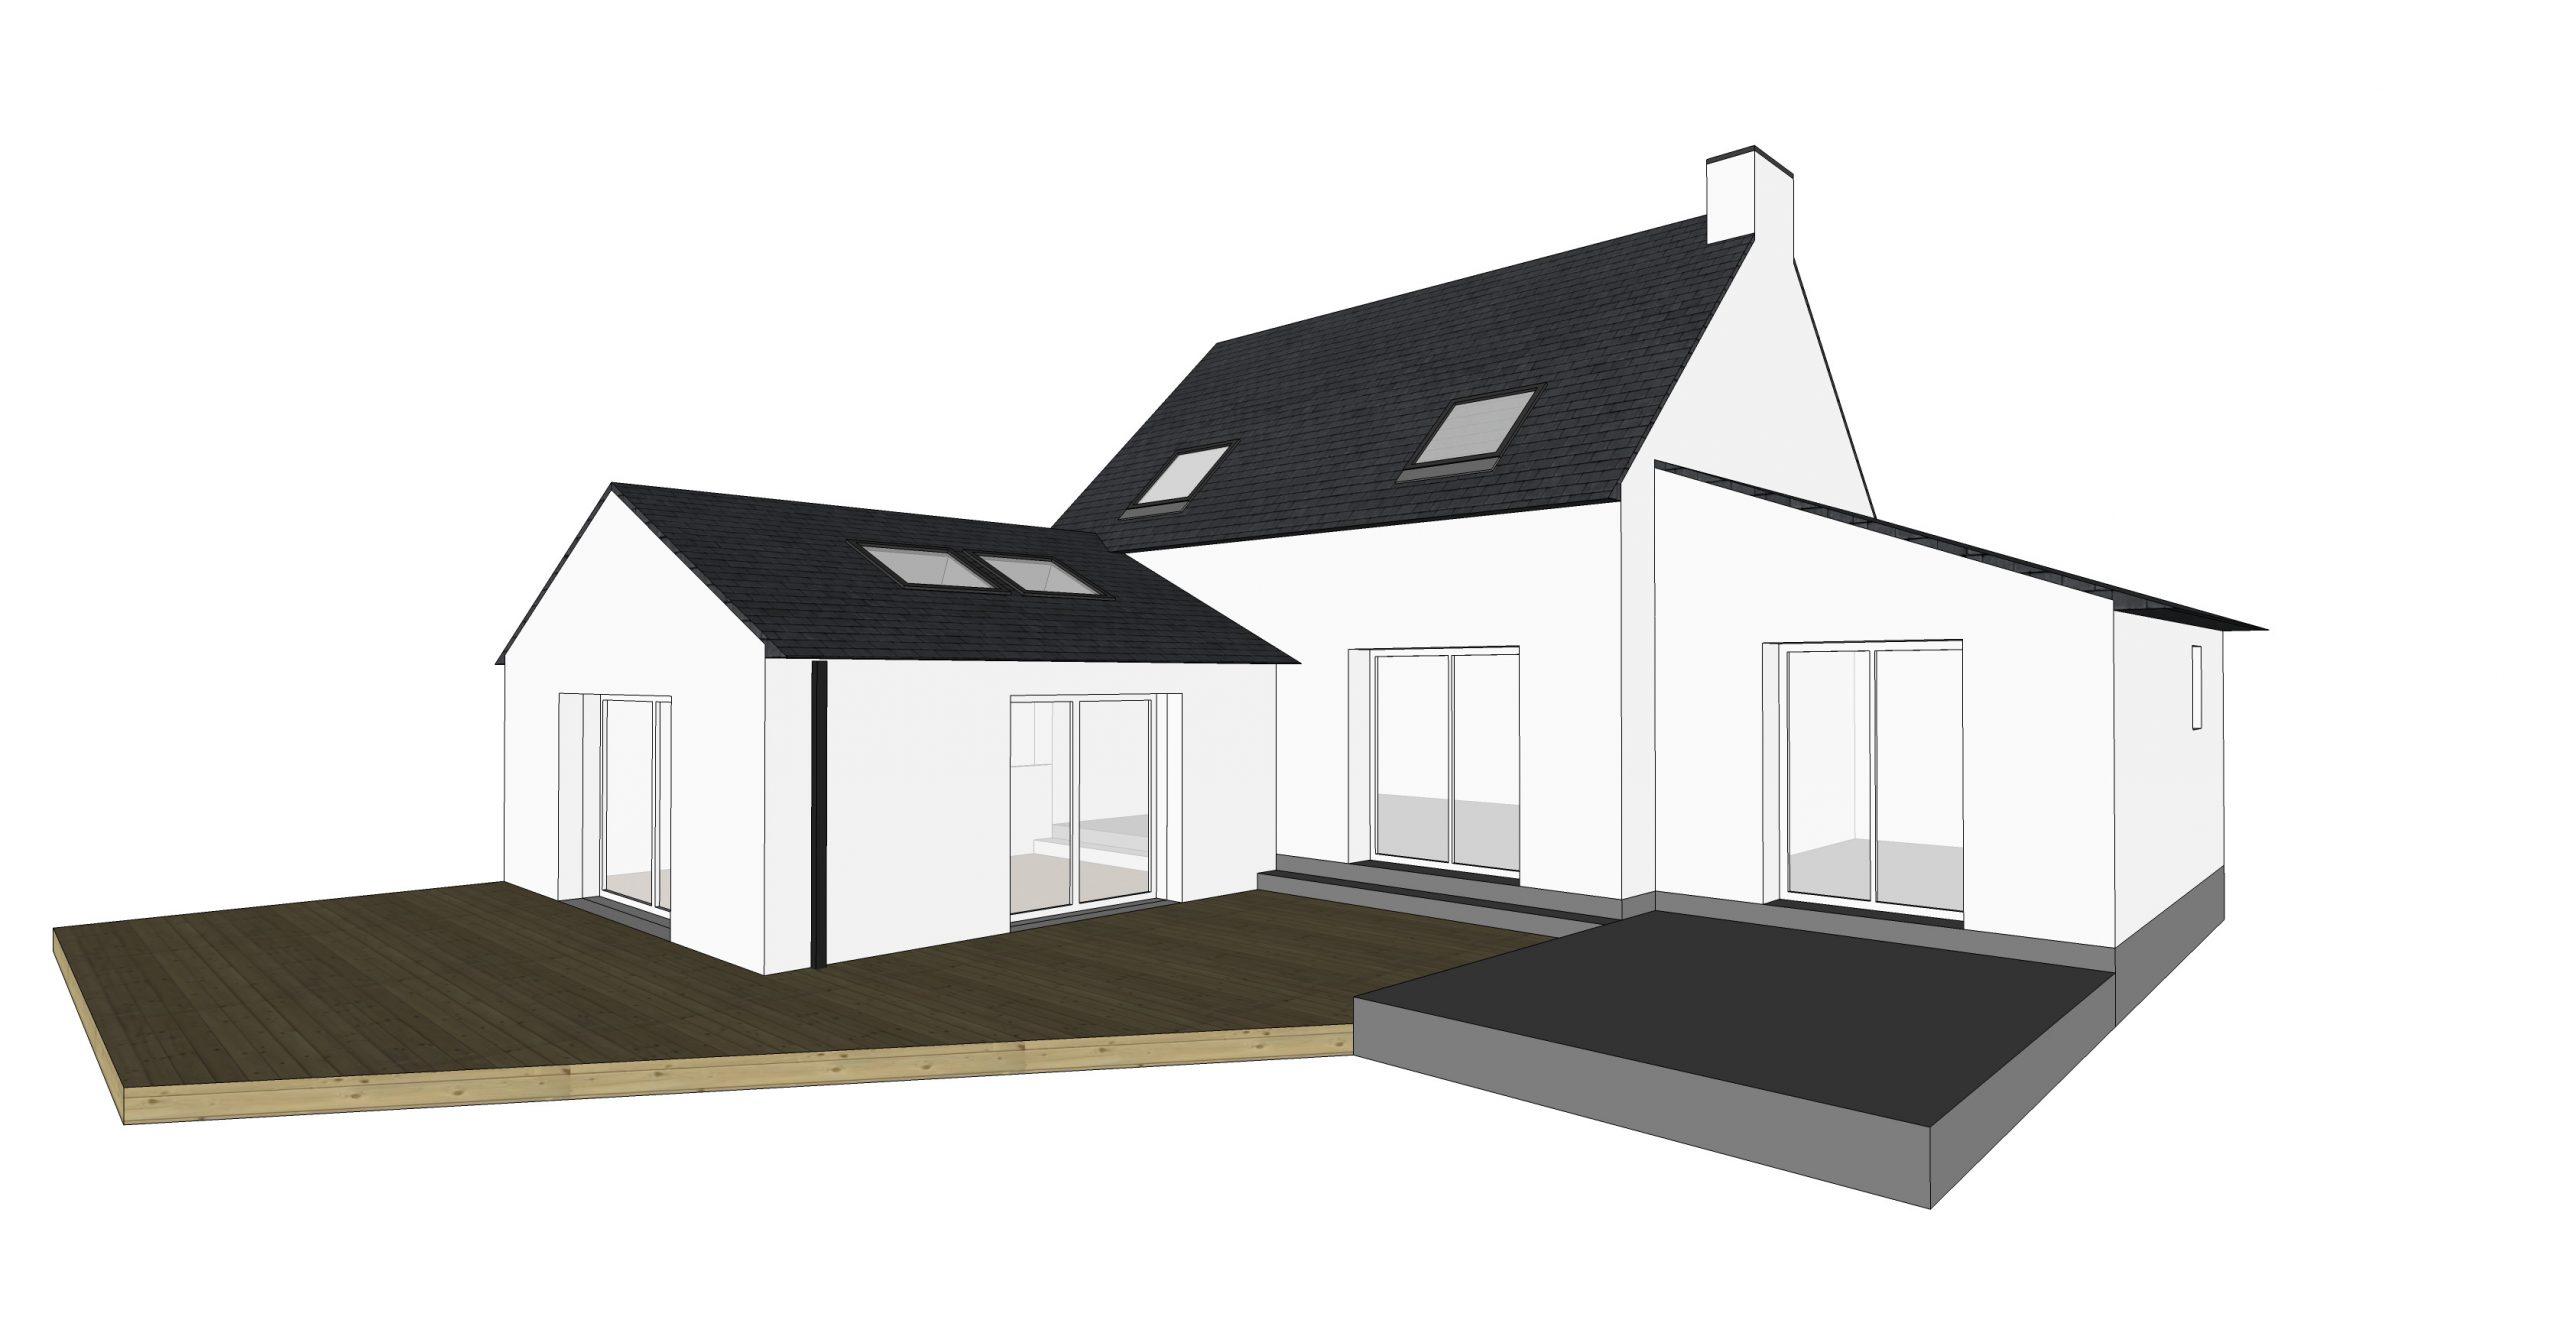 Modélisation 3D extension maison